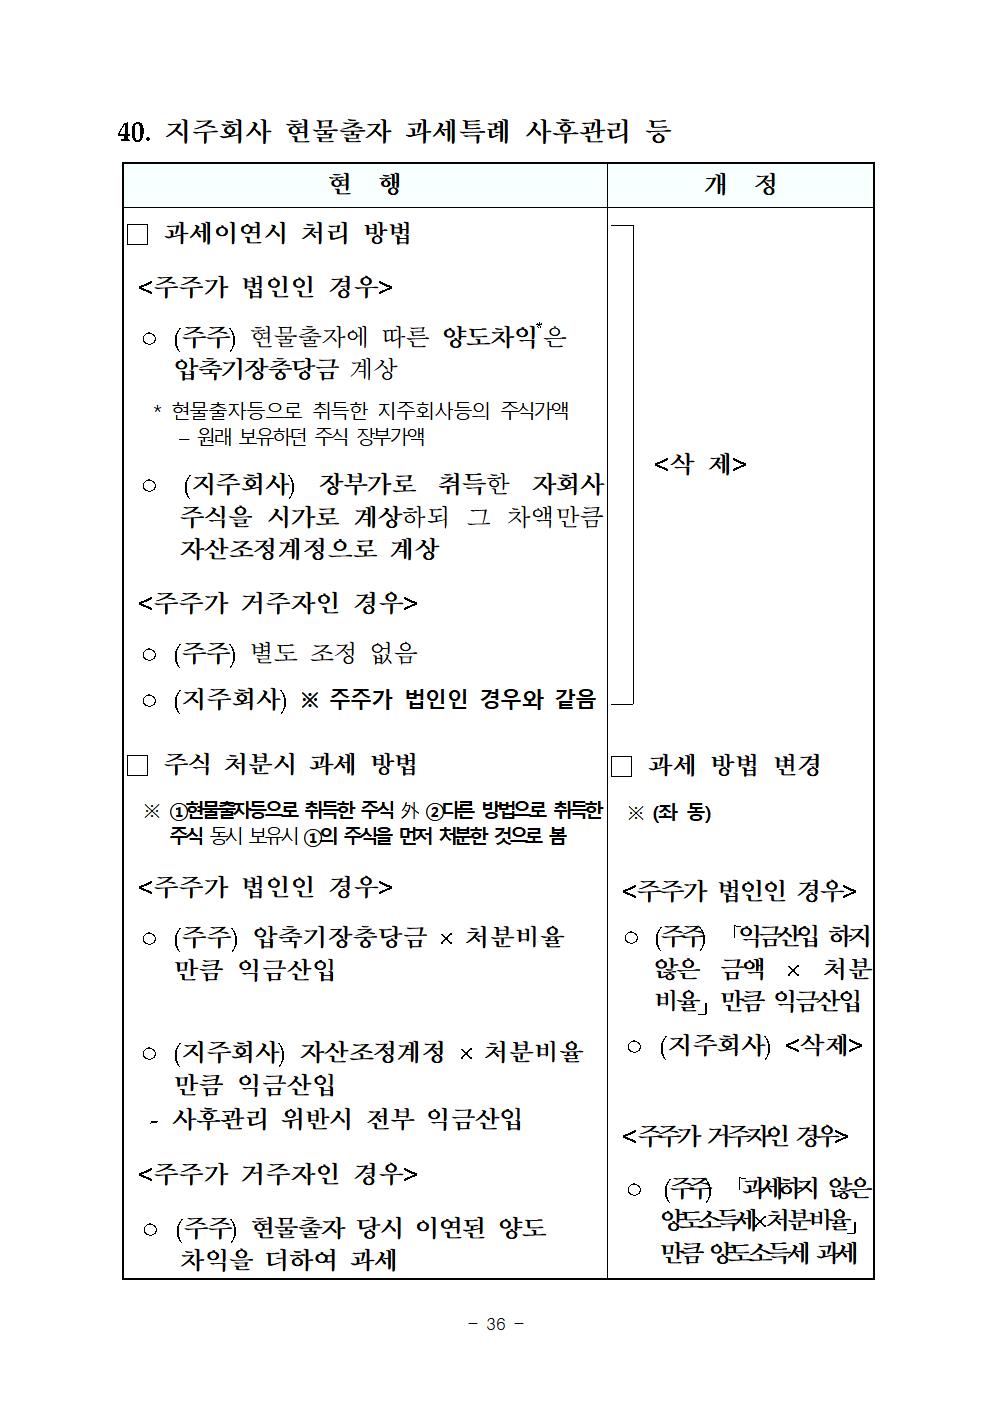 2019년세법개정내용(양도소득세분야)041.png